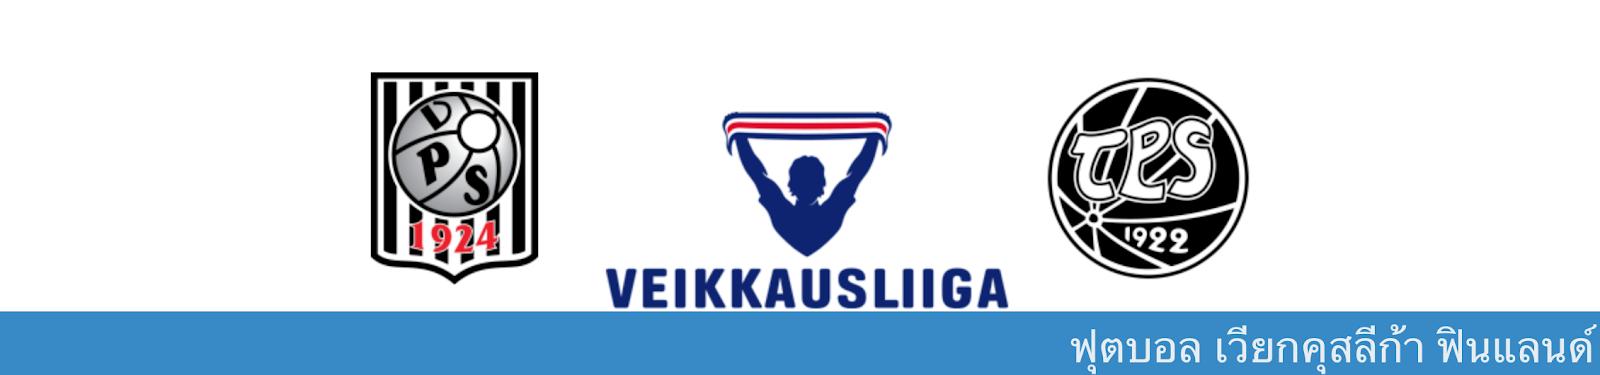 ดูบอลสด วิเคราะห์บอล ฟินแลนด์ ระหว่าง วีพีเอส vs ทีพีเอส